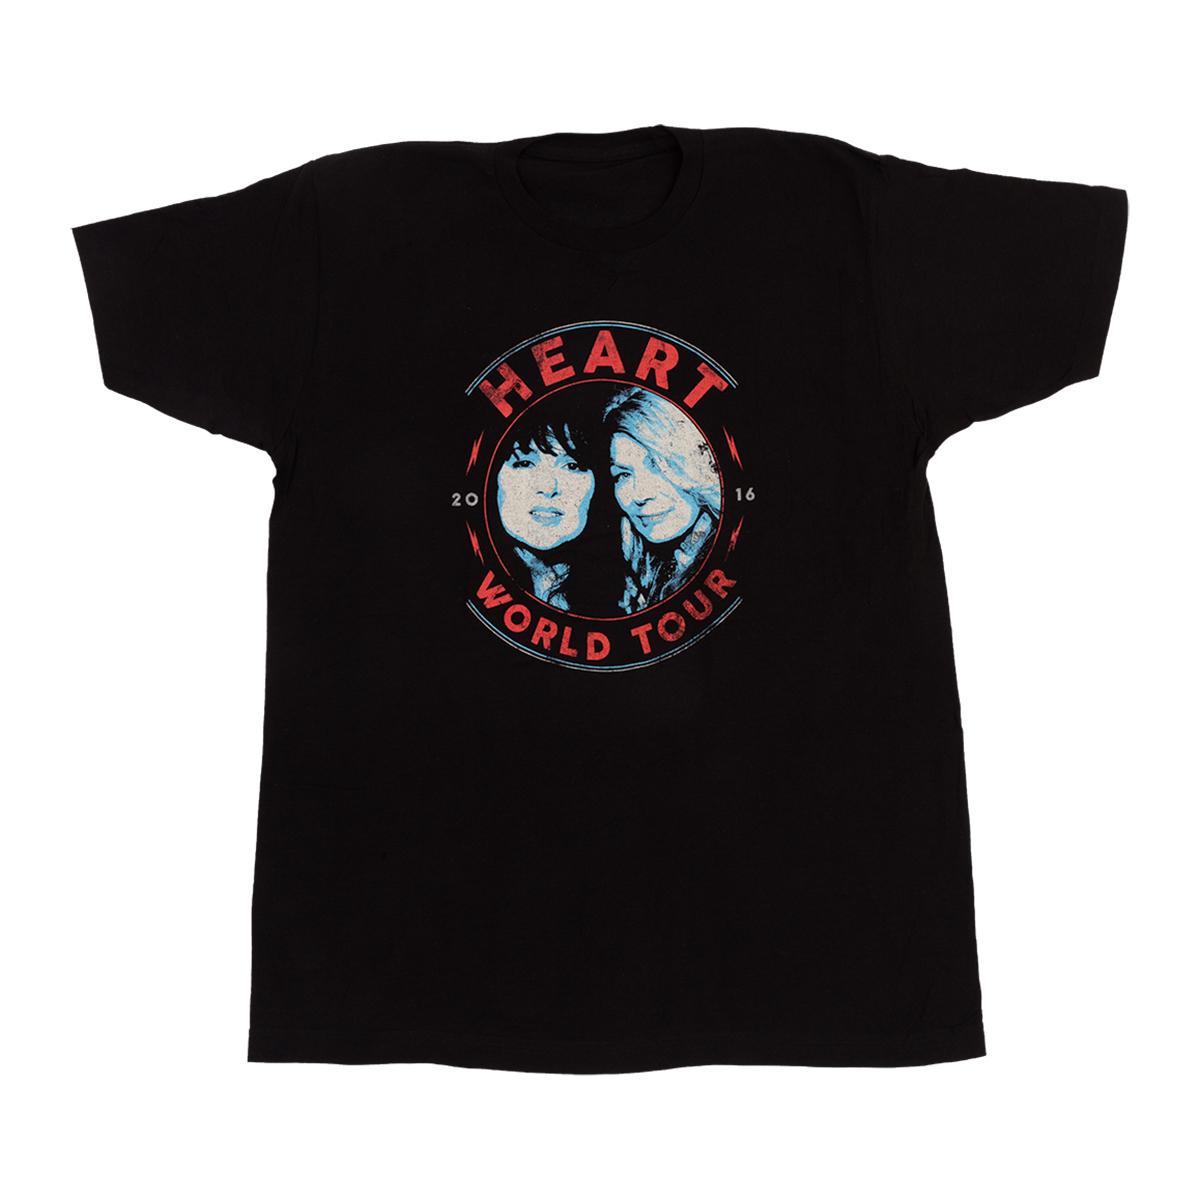 Voltage 2016 World Tour T-Shirt